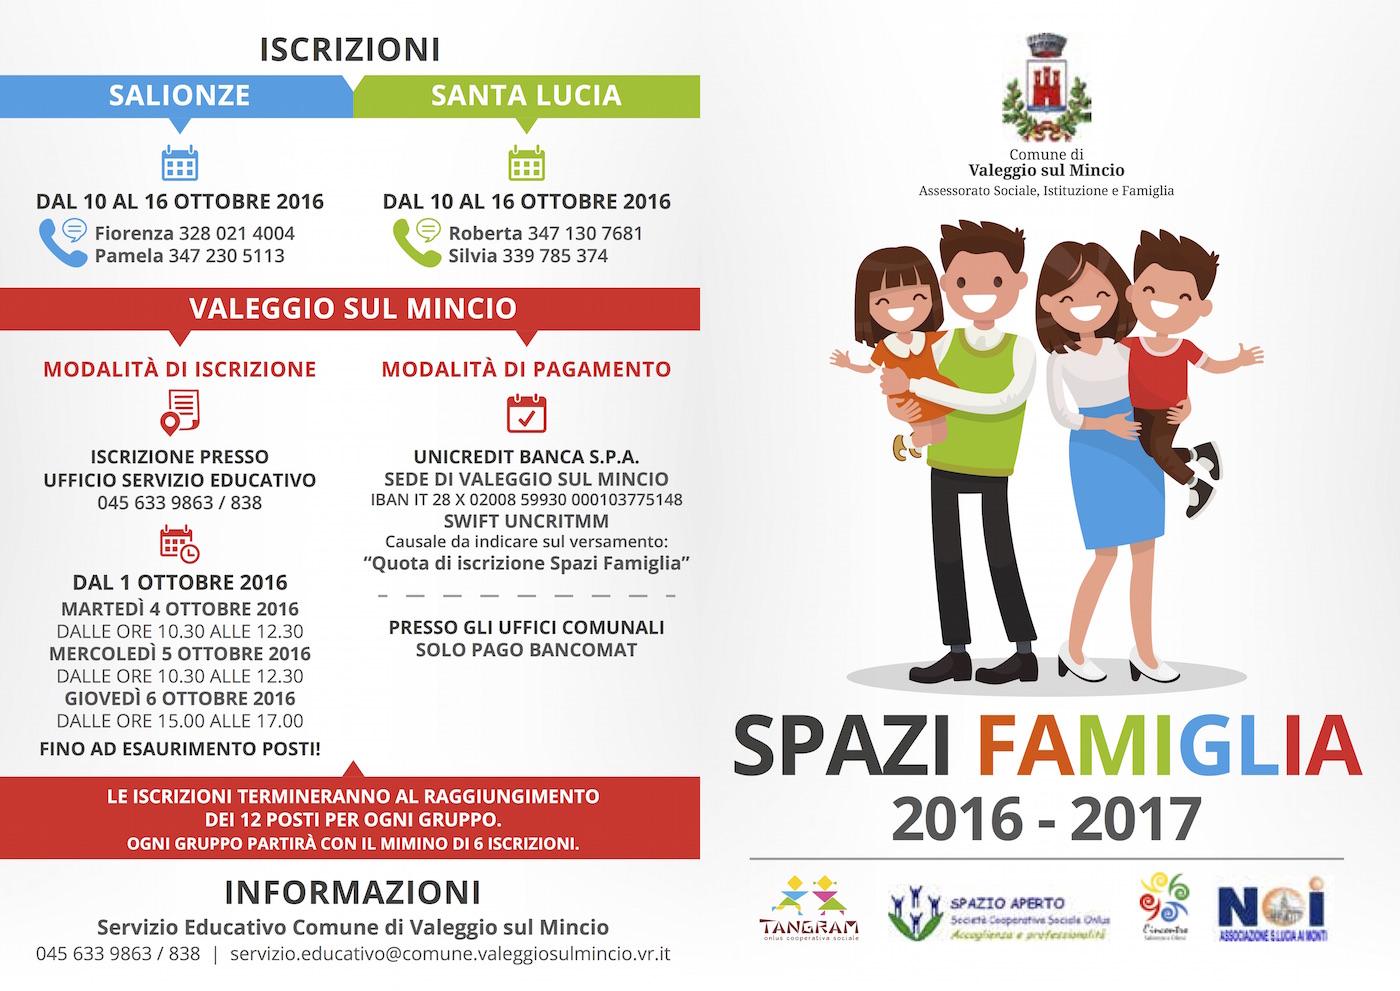 spazi-famiglia-comune-di-valeggio-sul-mincio-2016-2017_front